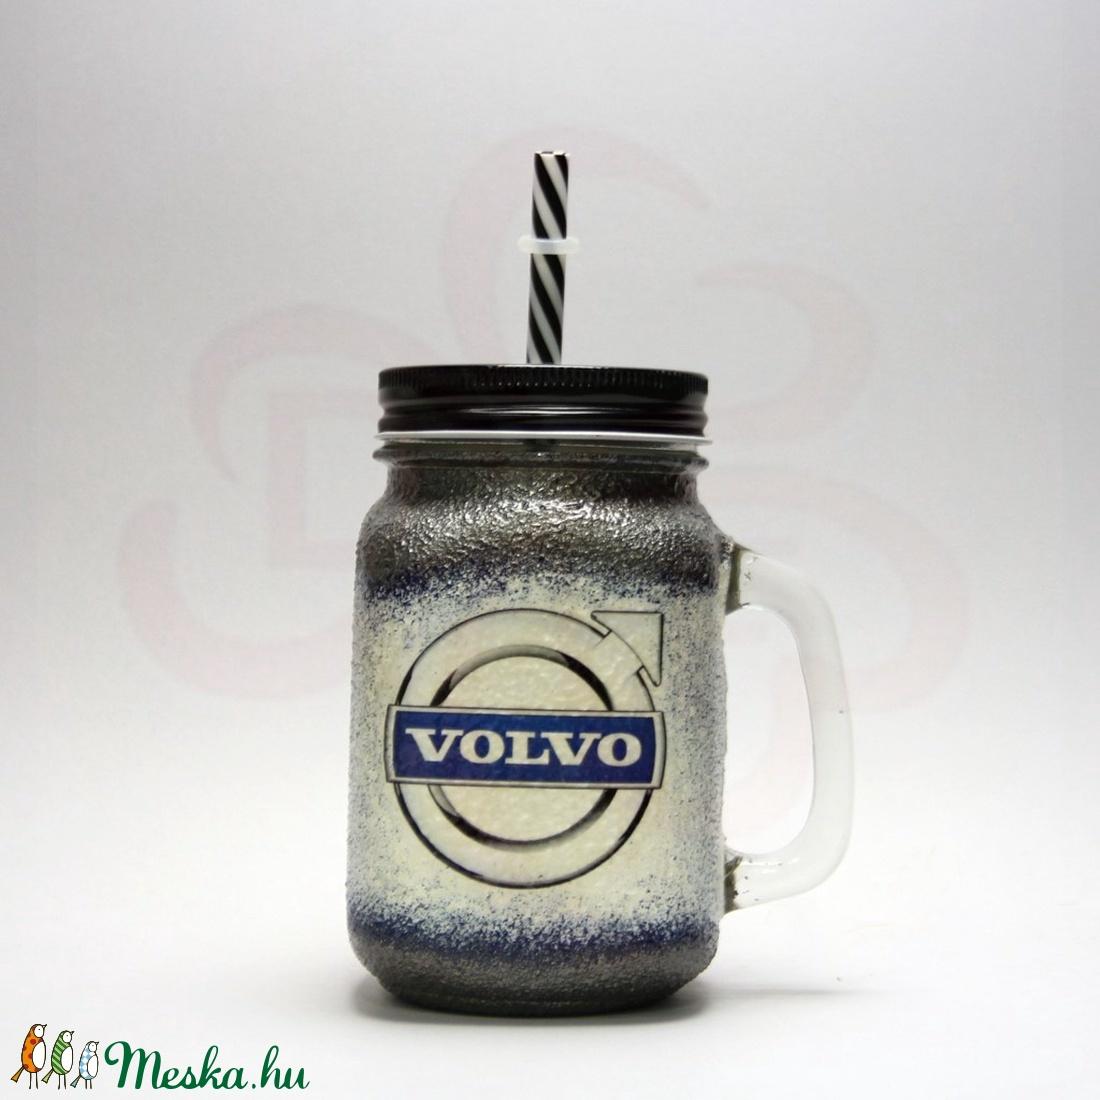 VOLVO üdítős pohár ; Volvo autód fényképével is! (decorfantasy) - Meska.hu